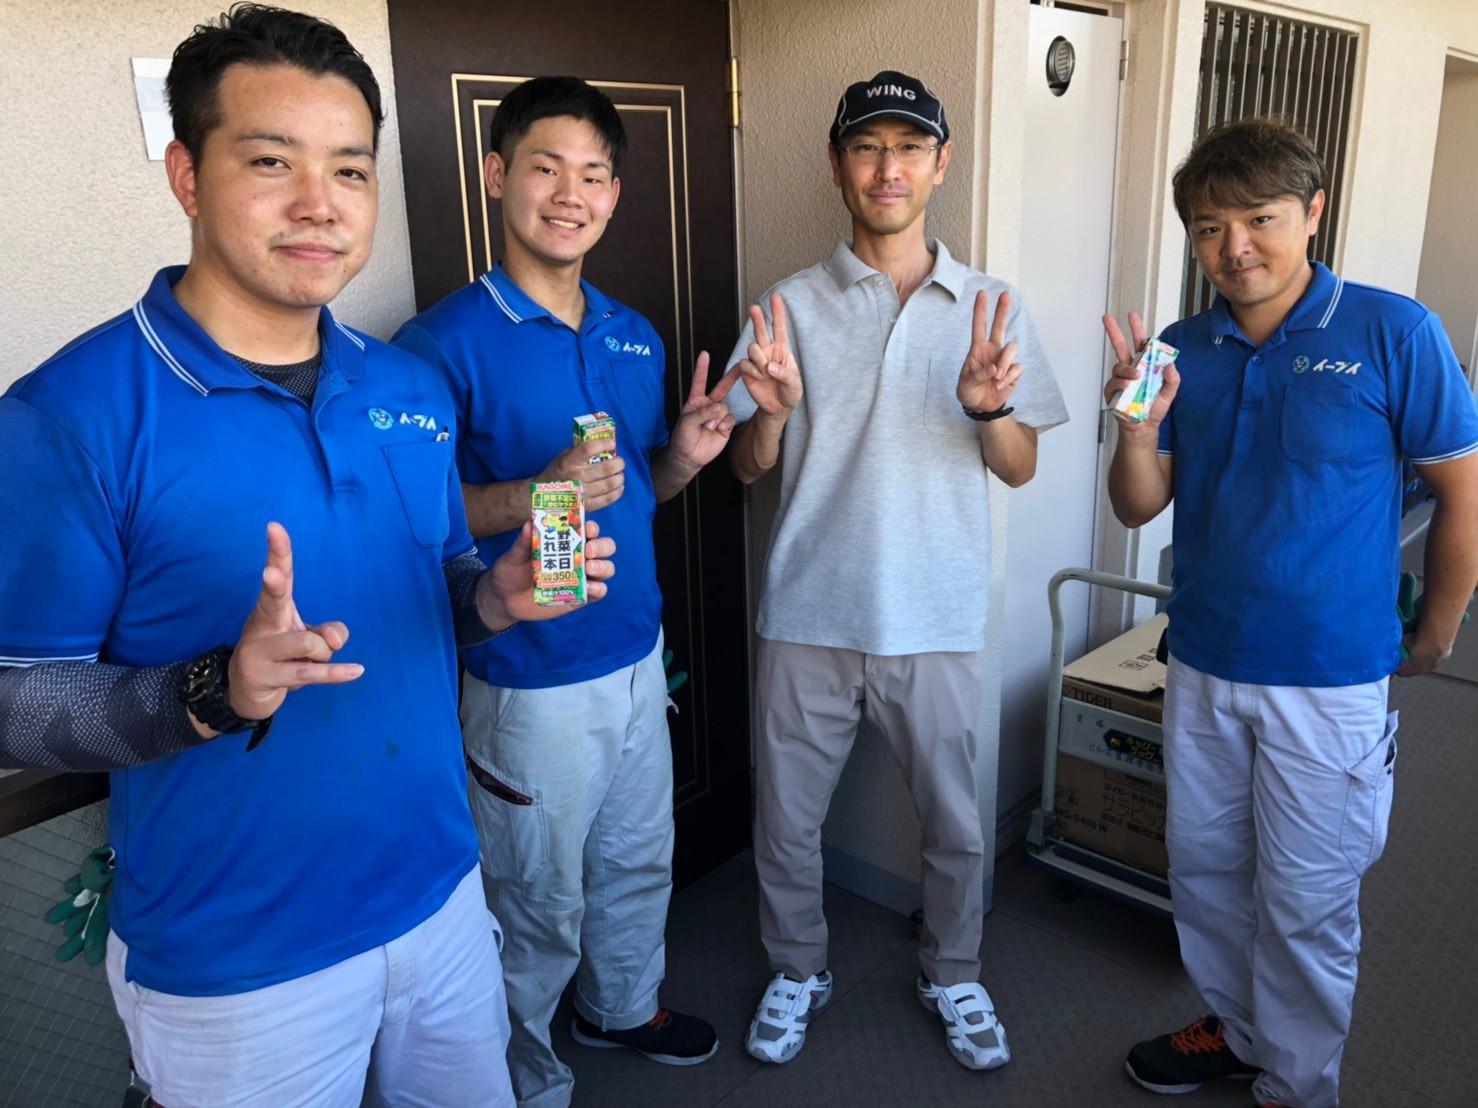 2019年10月16日兵庫県宝塚市のお客様より、お部屋の退去に伴い、引越と不用品の回収をして欲しいとの事で弊社にご依頼頂きました。